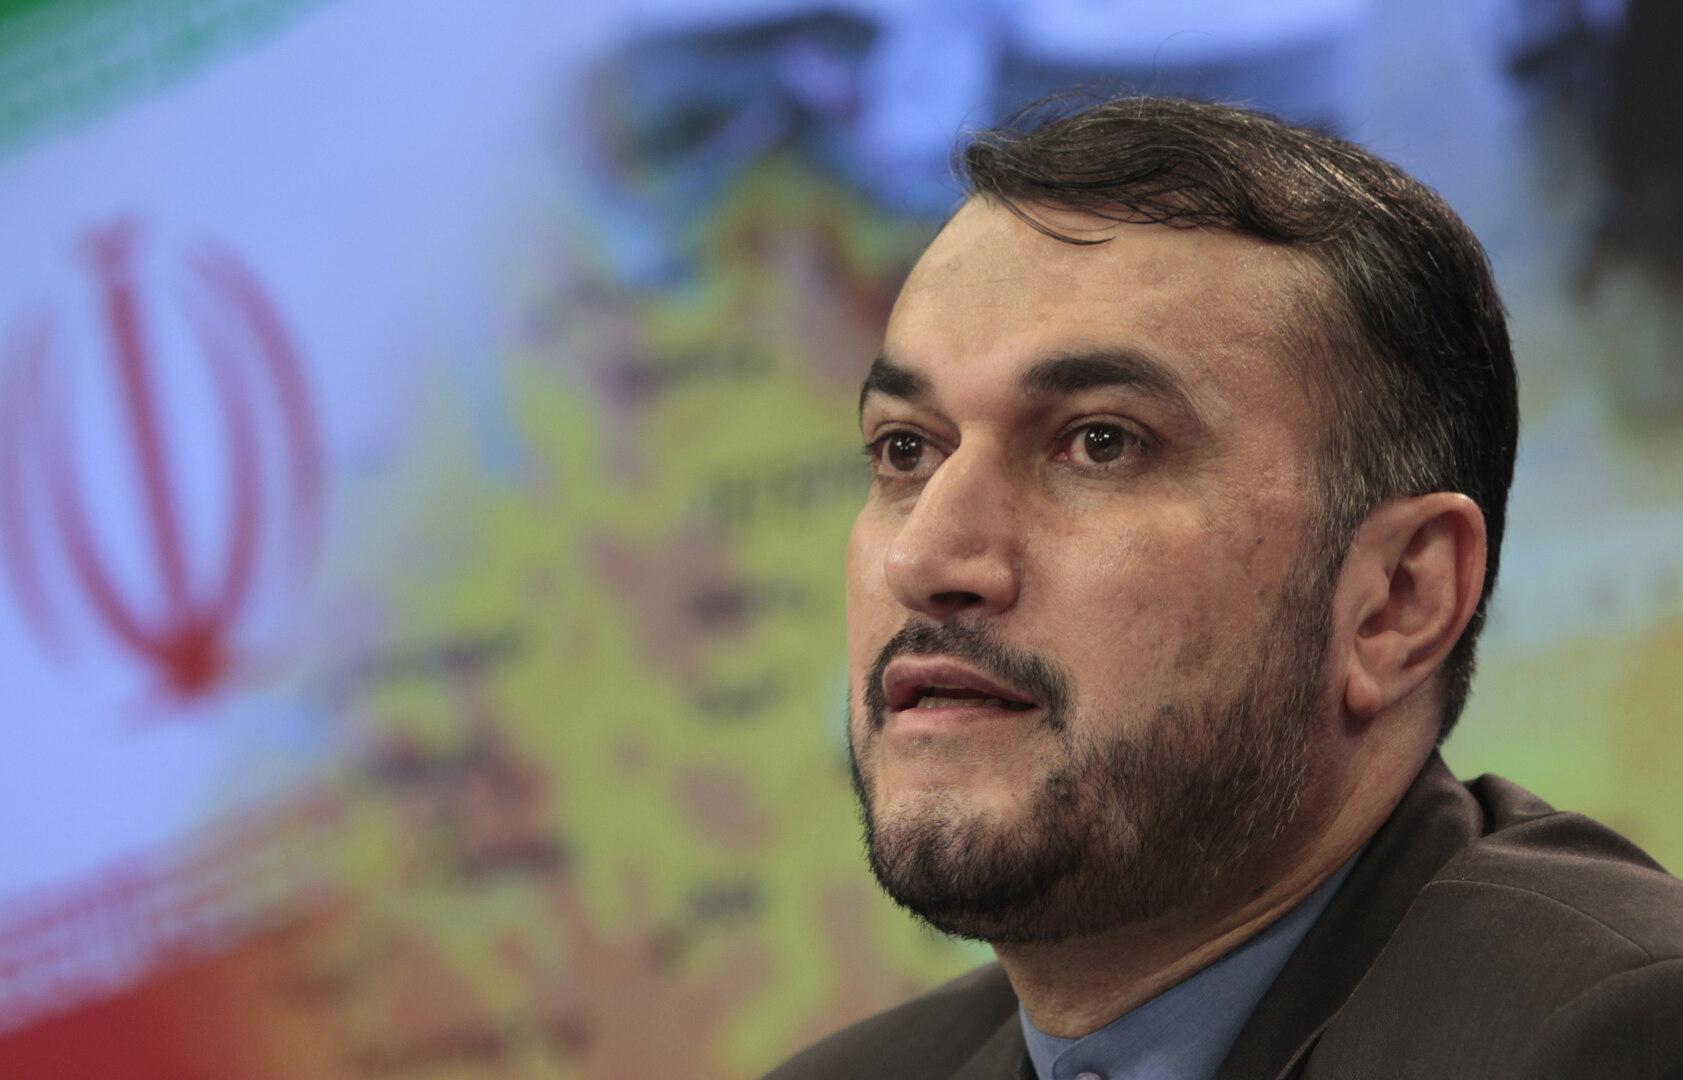 إيران: سنعود للمفاوضات النووية قريبا جدا لكن إدارة بايدن تبعث إشارات سلبية